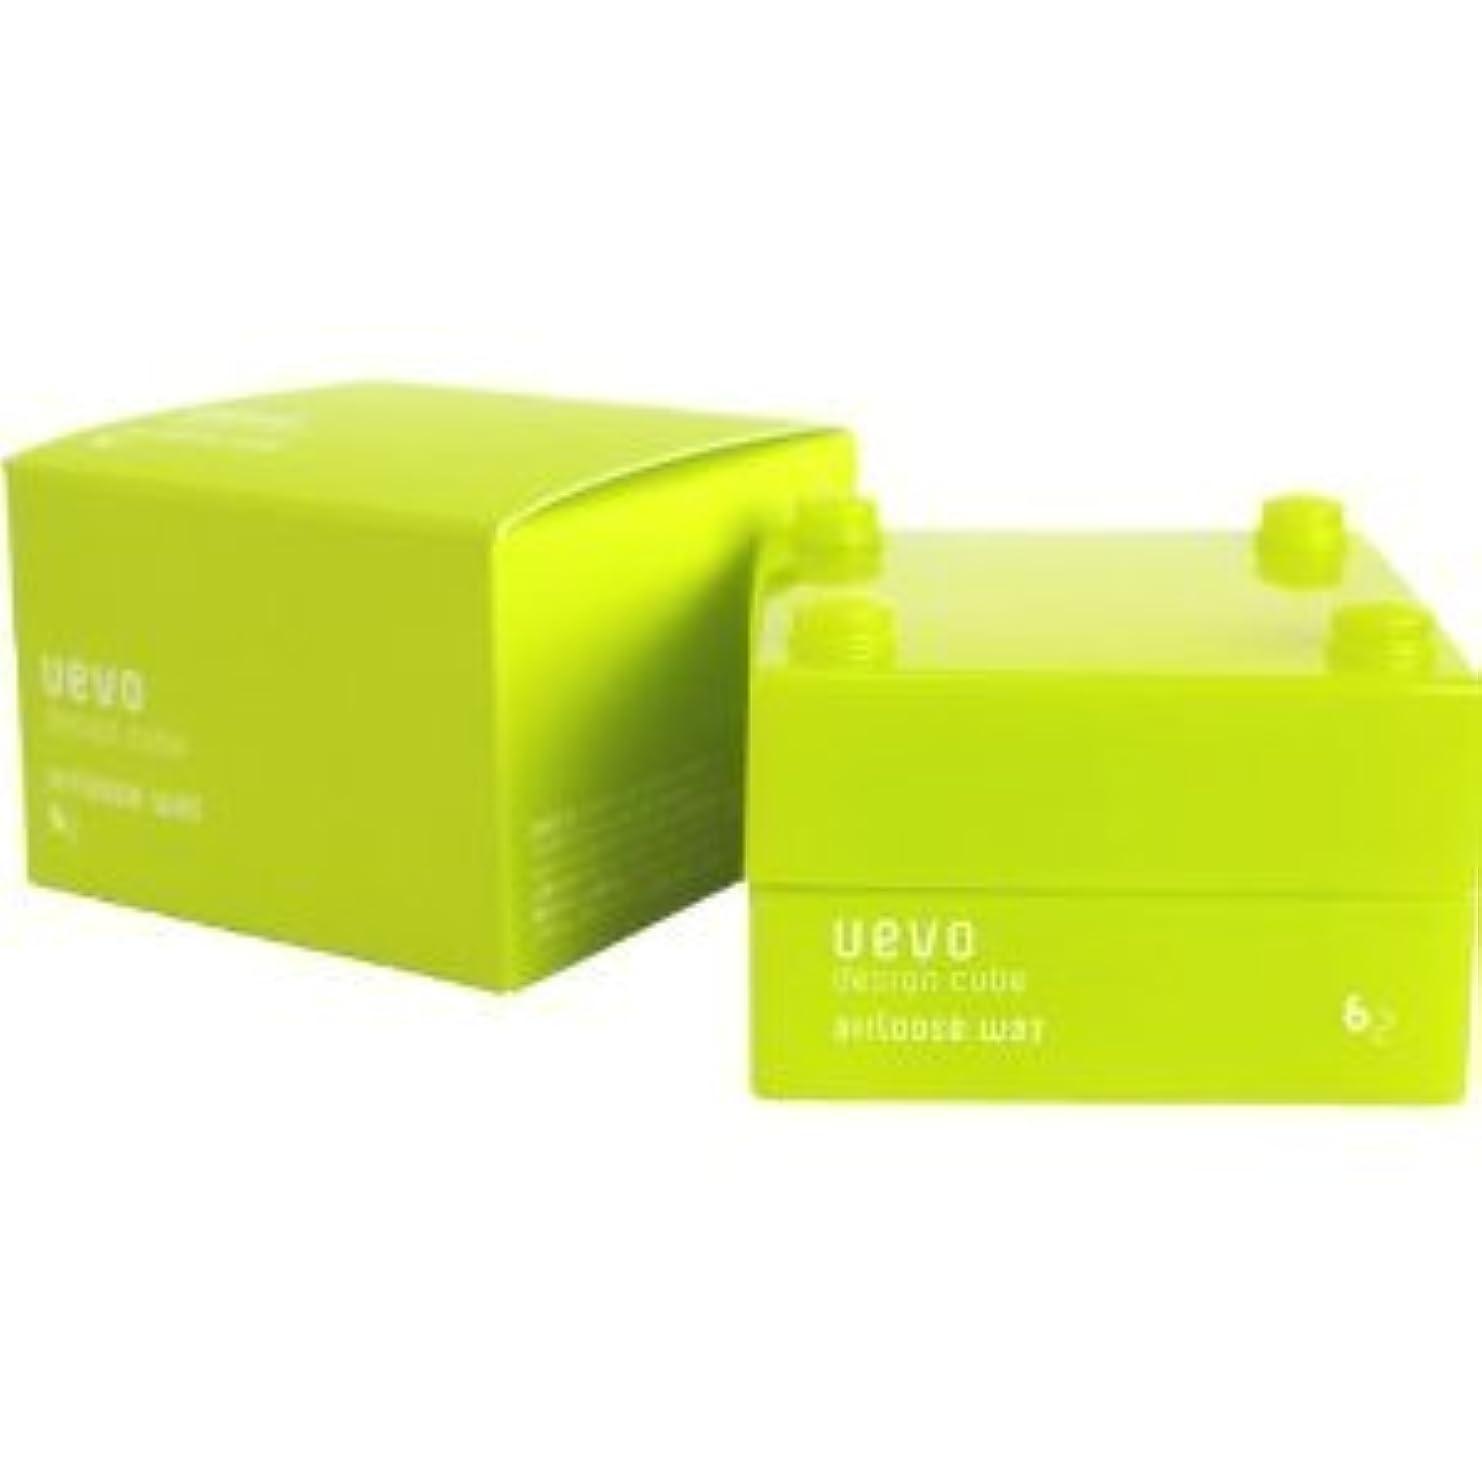 宣言する下着きらめき【X2個セット】 デミ ウェーボ デザインキューブ エアルーズワックス 30g airloose wax DEMI uevo design cube